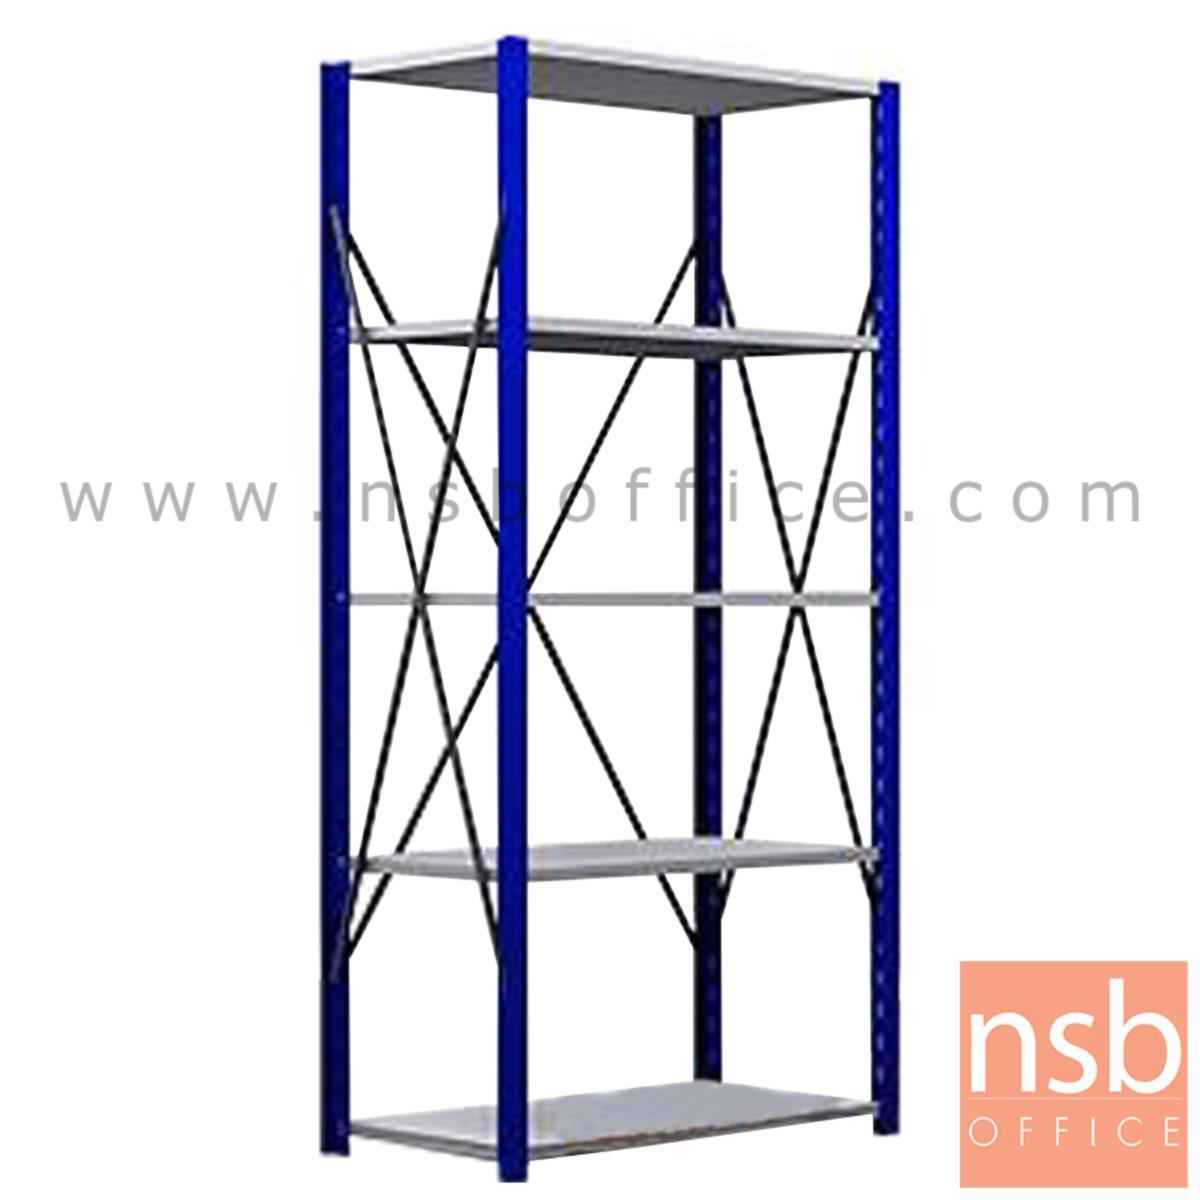 D03A012:ชั้นเหล็ก MR ขนาด 100W*60D (180H - 240H) cm. ชั้นปรับระดับได้ รับน้ำหนัก 150-200 KG/ชั้น